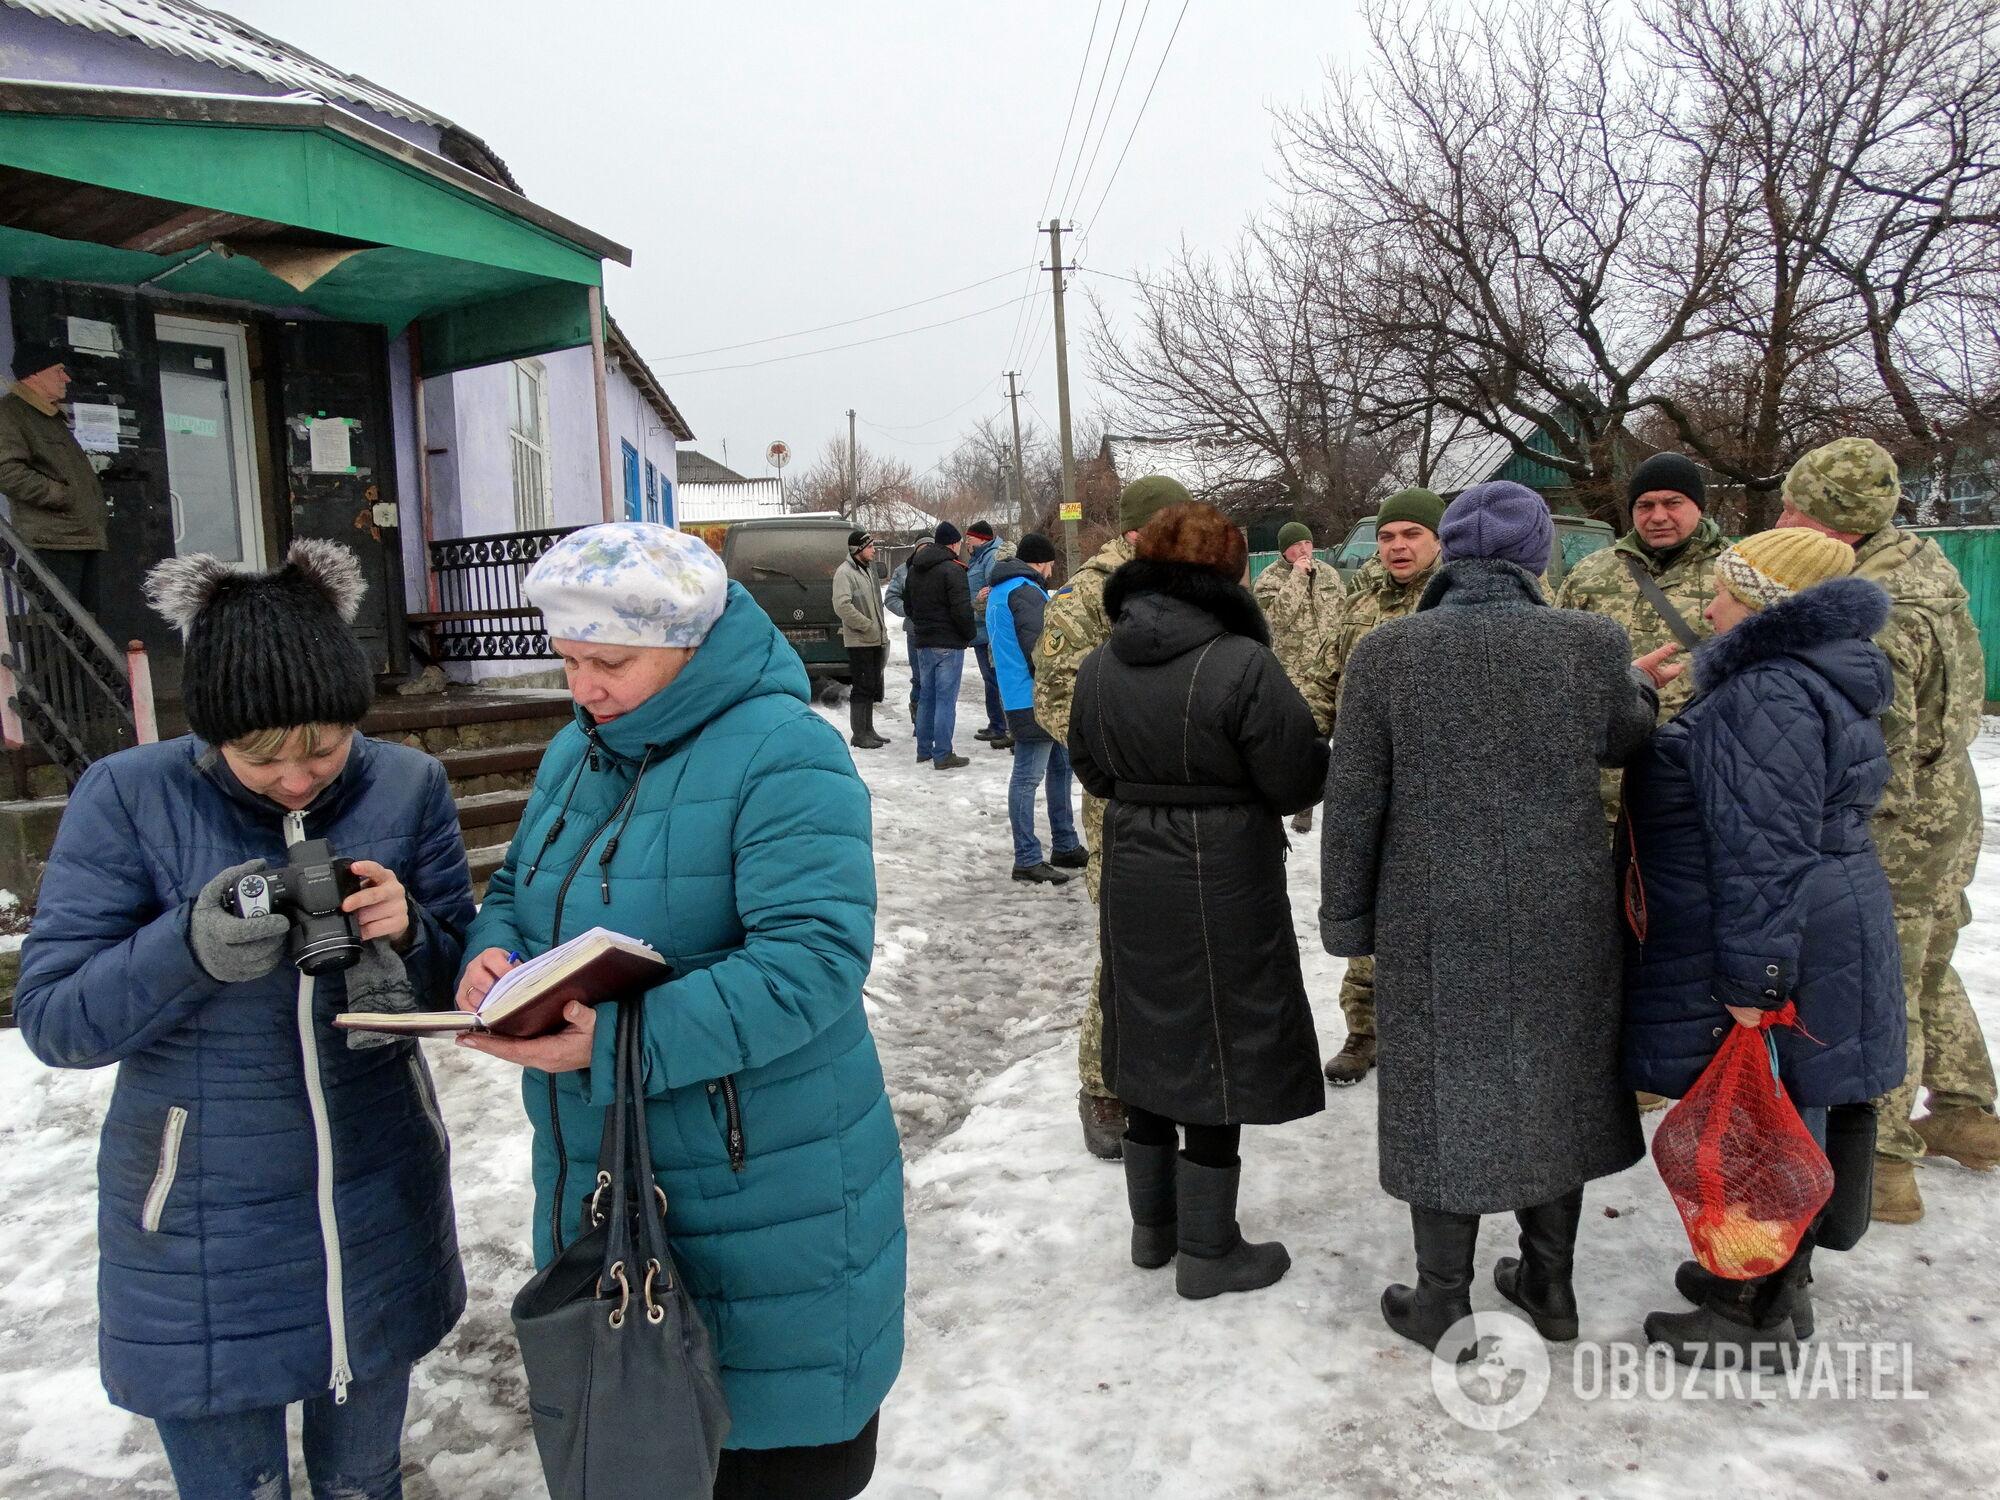 Люди ждут гуманитарку и обсуждают обещания представителей власти